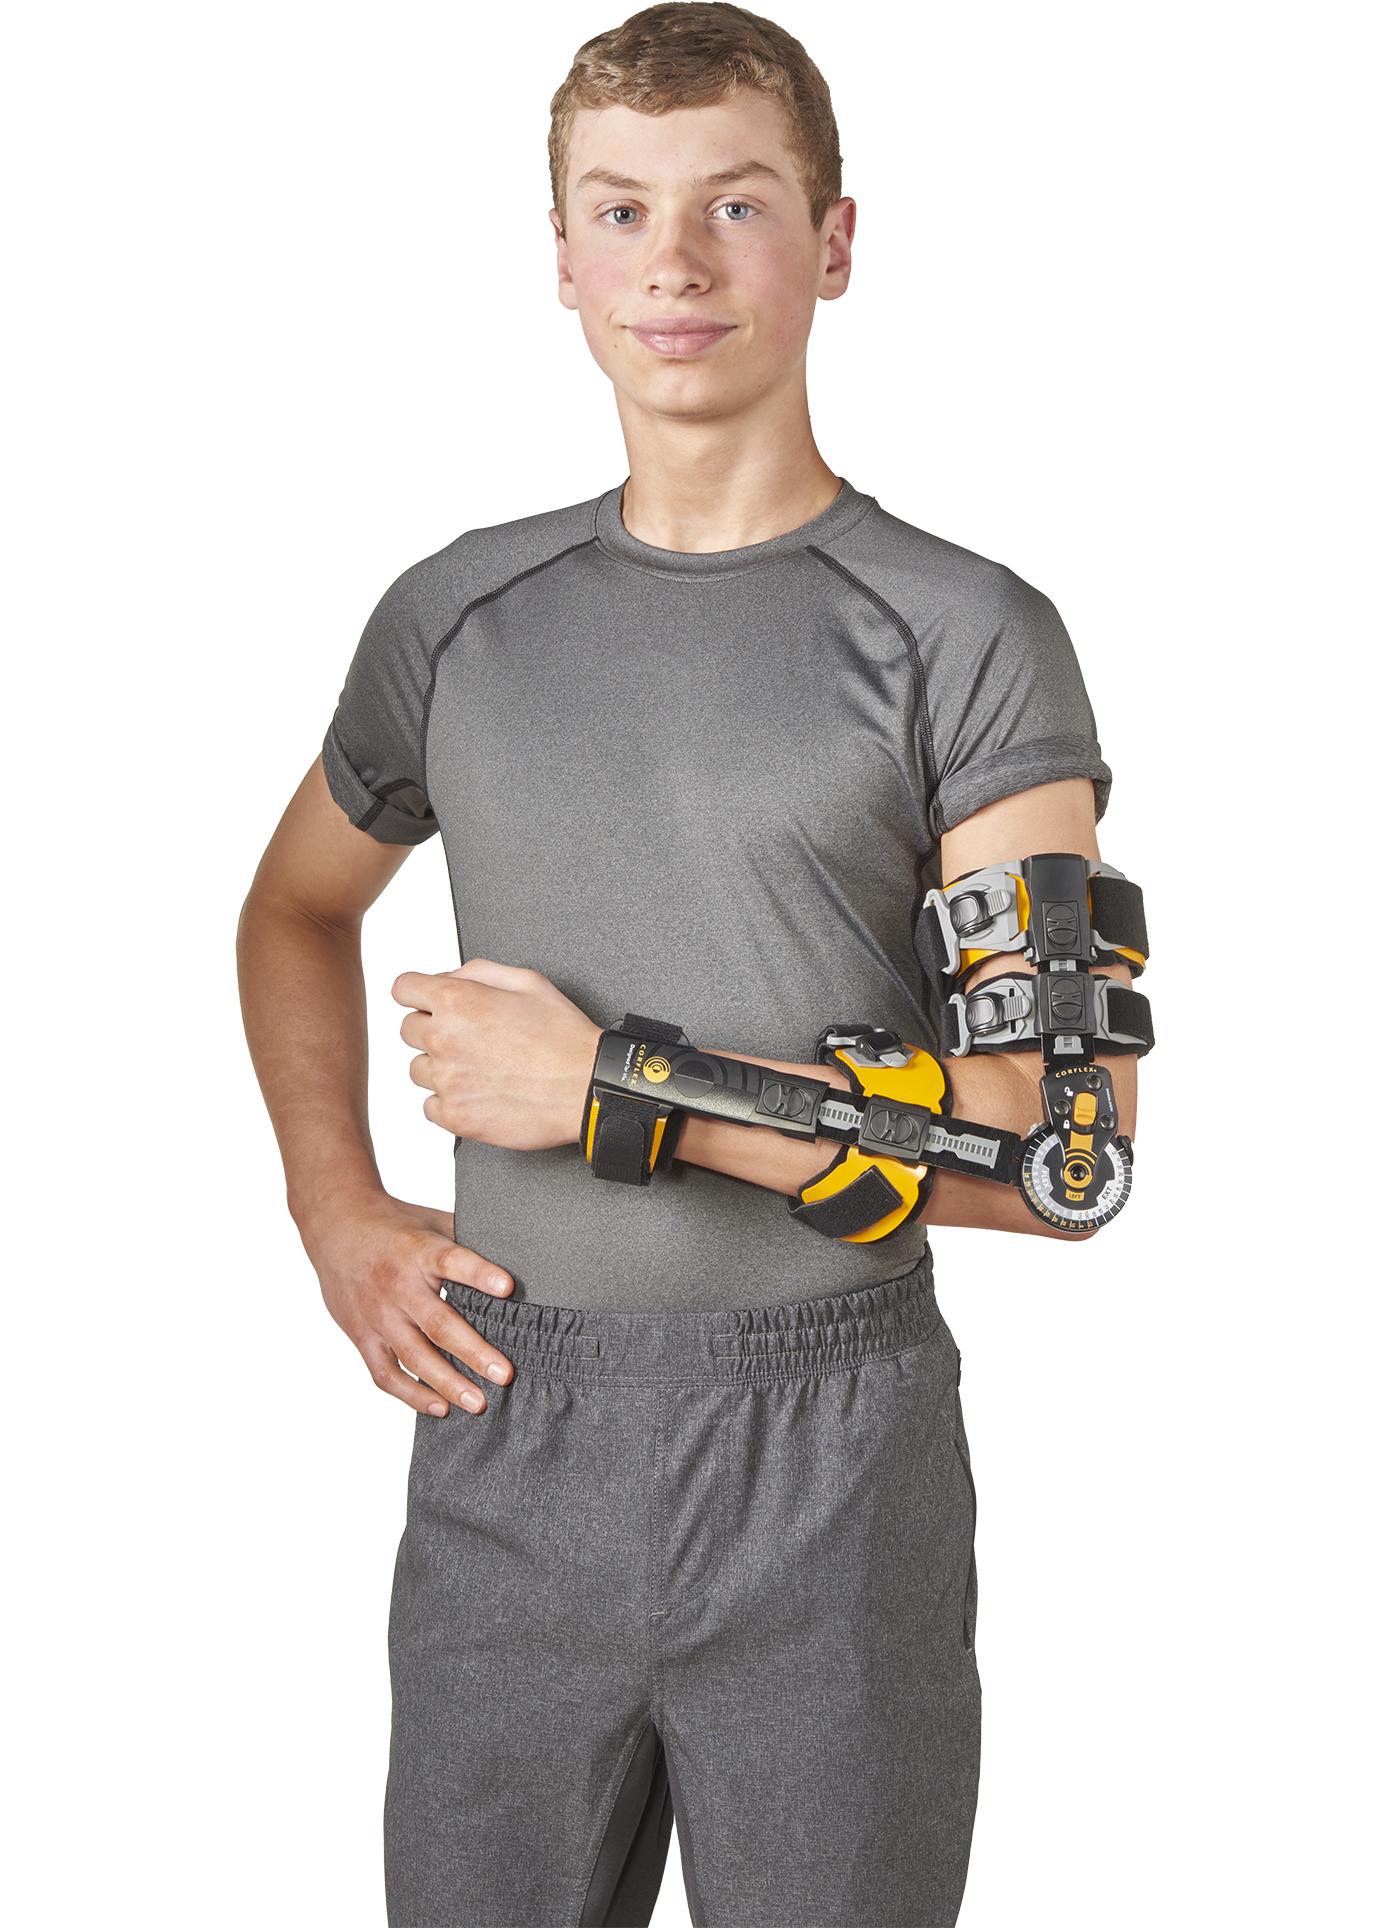 Contender Post-OP Elbow